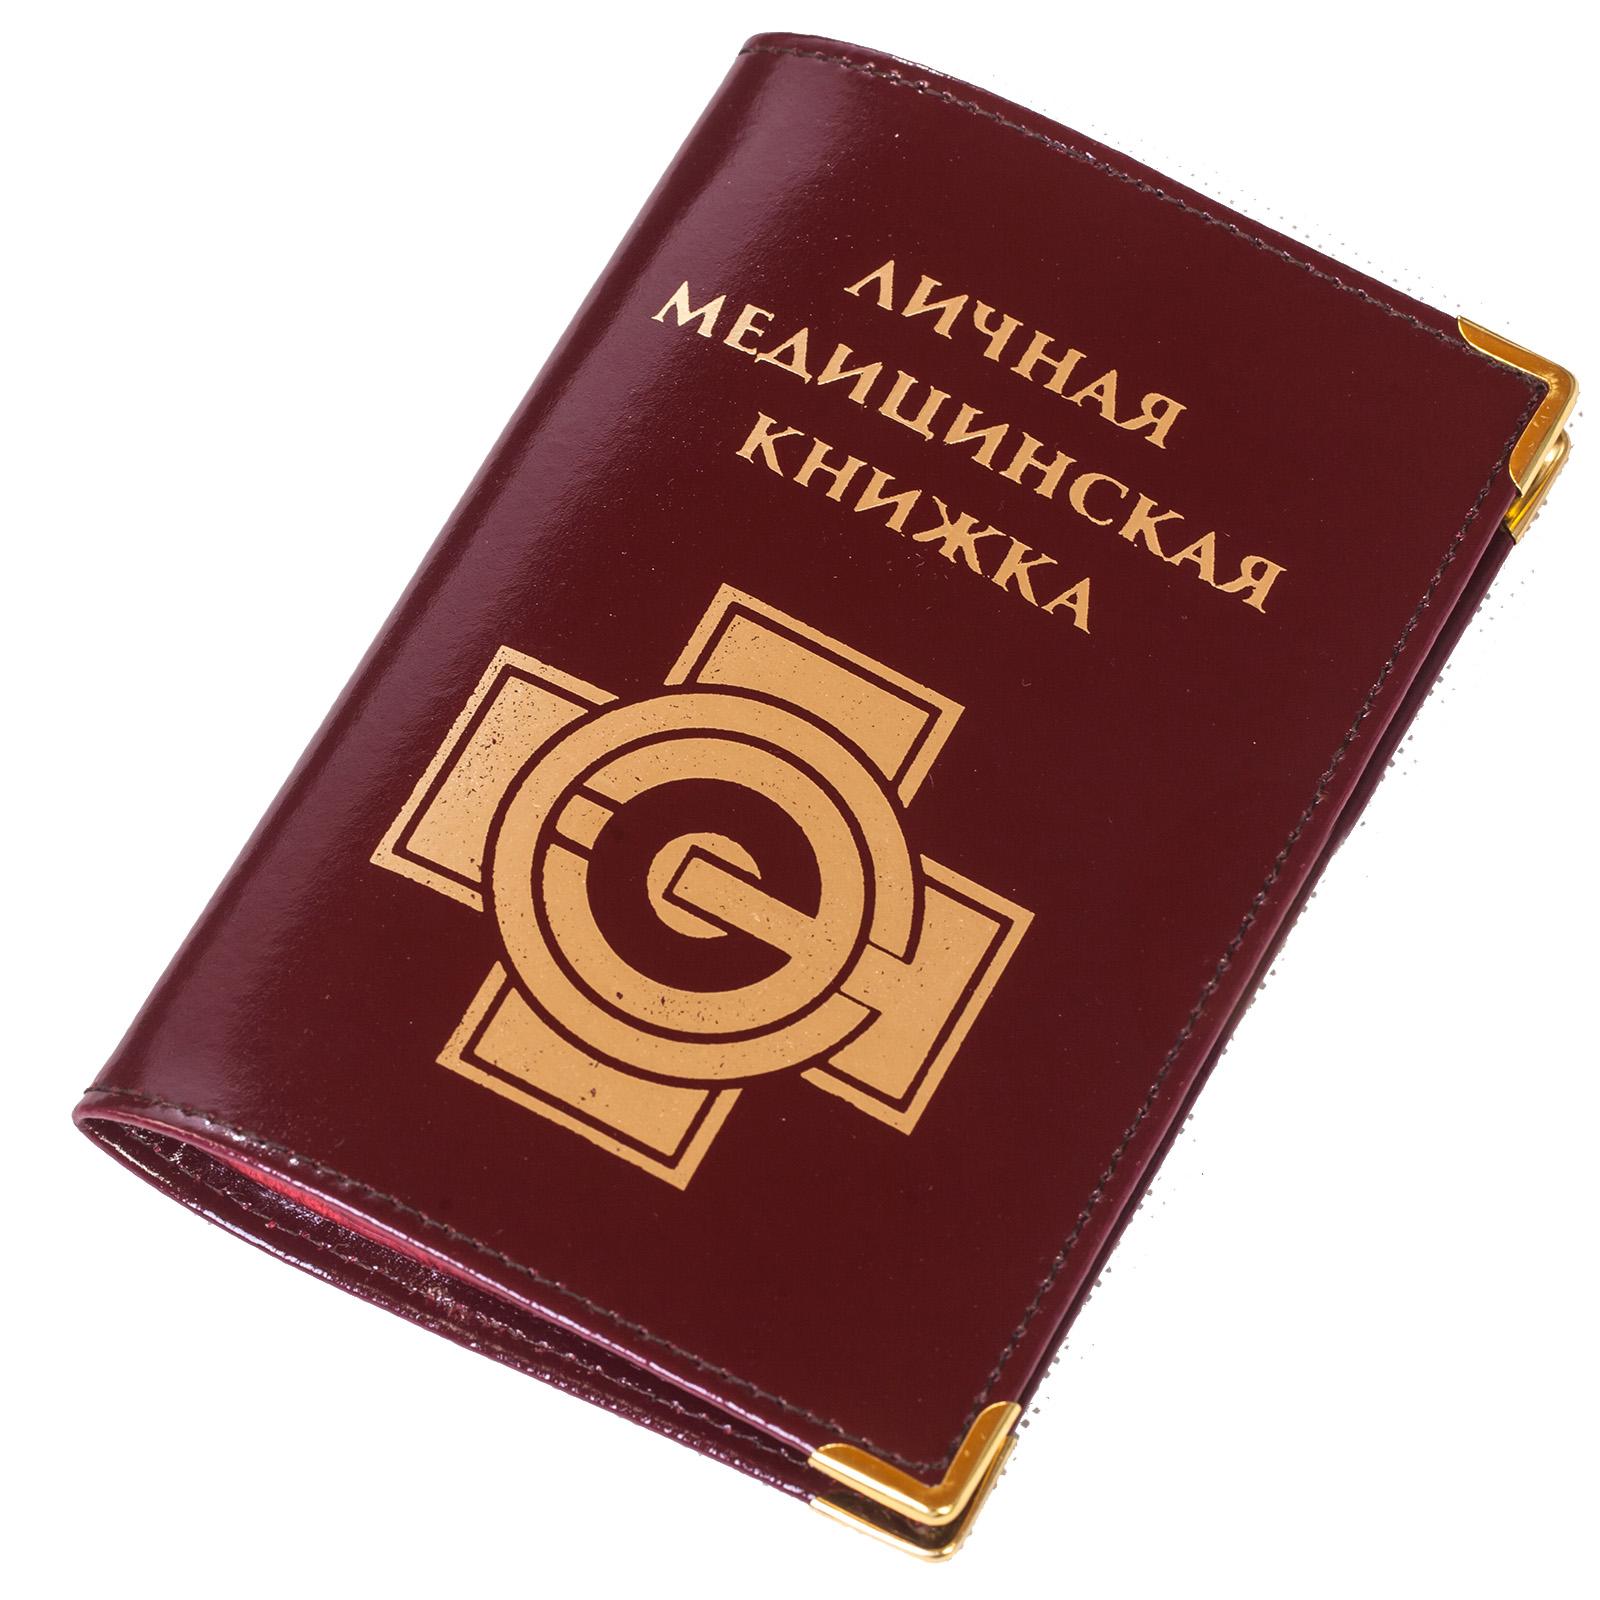 Обложка для личной медицинской книжки высокого качества